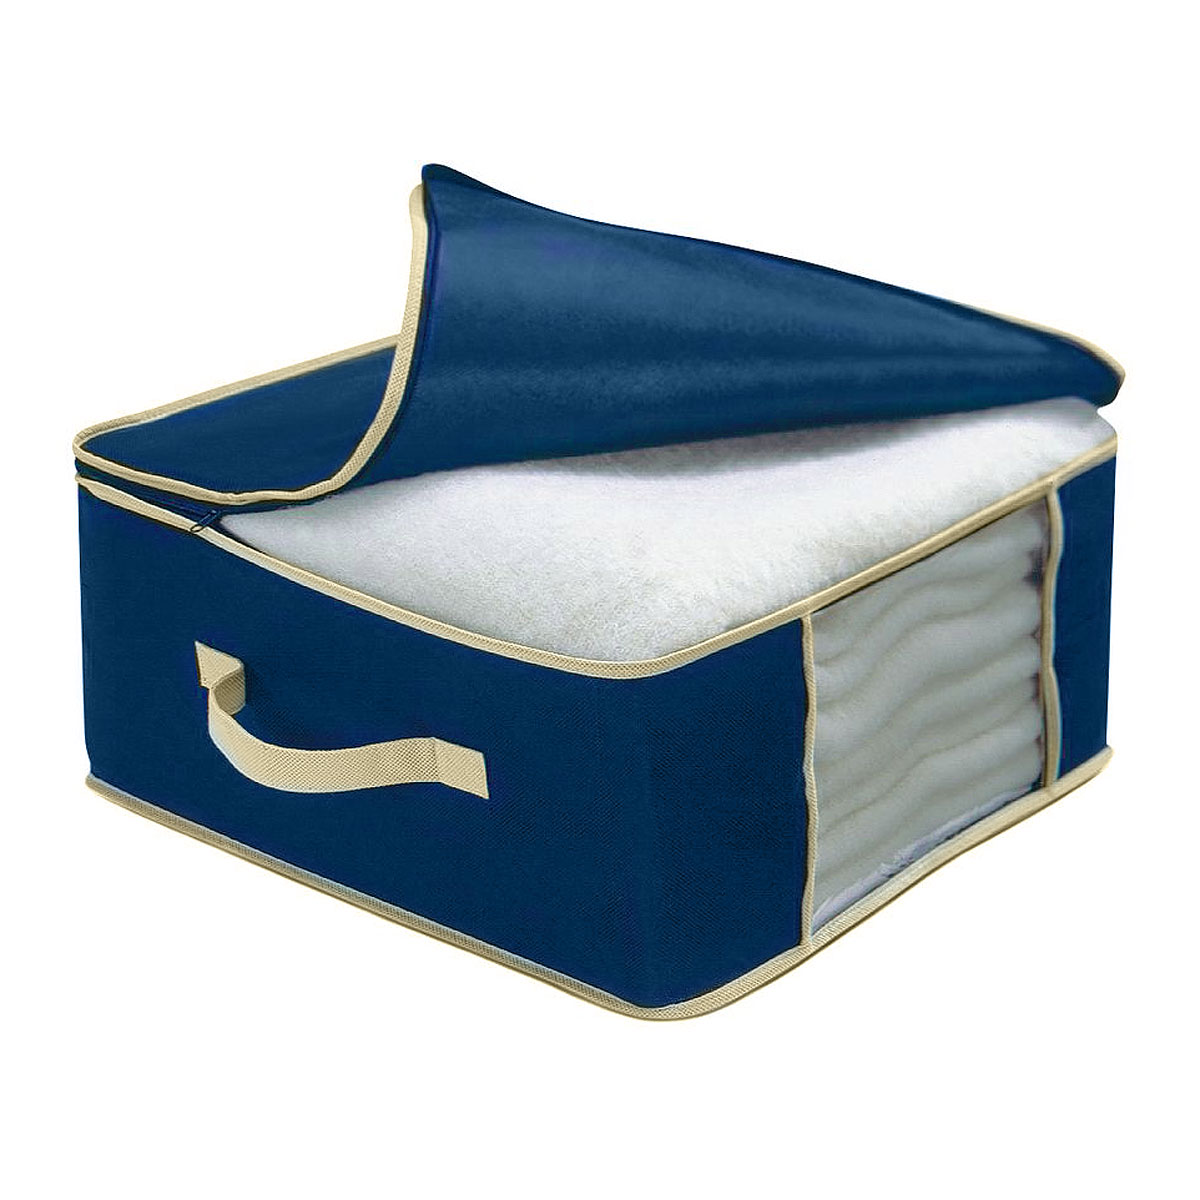 Чехол для одеяла Cosatto, цвет: синий, 45 х 45 х 20 смМ4567Чехол для одеяла Cosatto изготовлен из дышащего нетканого материала (полипропилена), безопасного в использовании. Подходит для одинарных шерстяных или одинарных пуховых одеял. Имеет прозрачное окно и застежку-молнию по периметру, а также ручку для переноски.